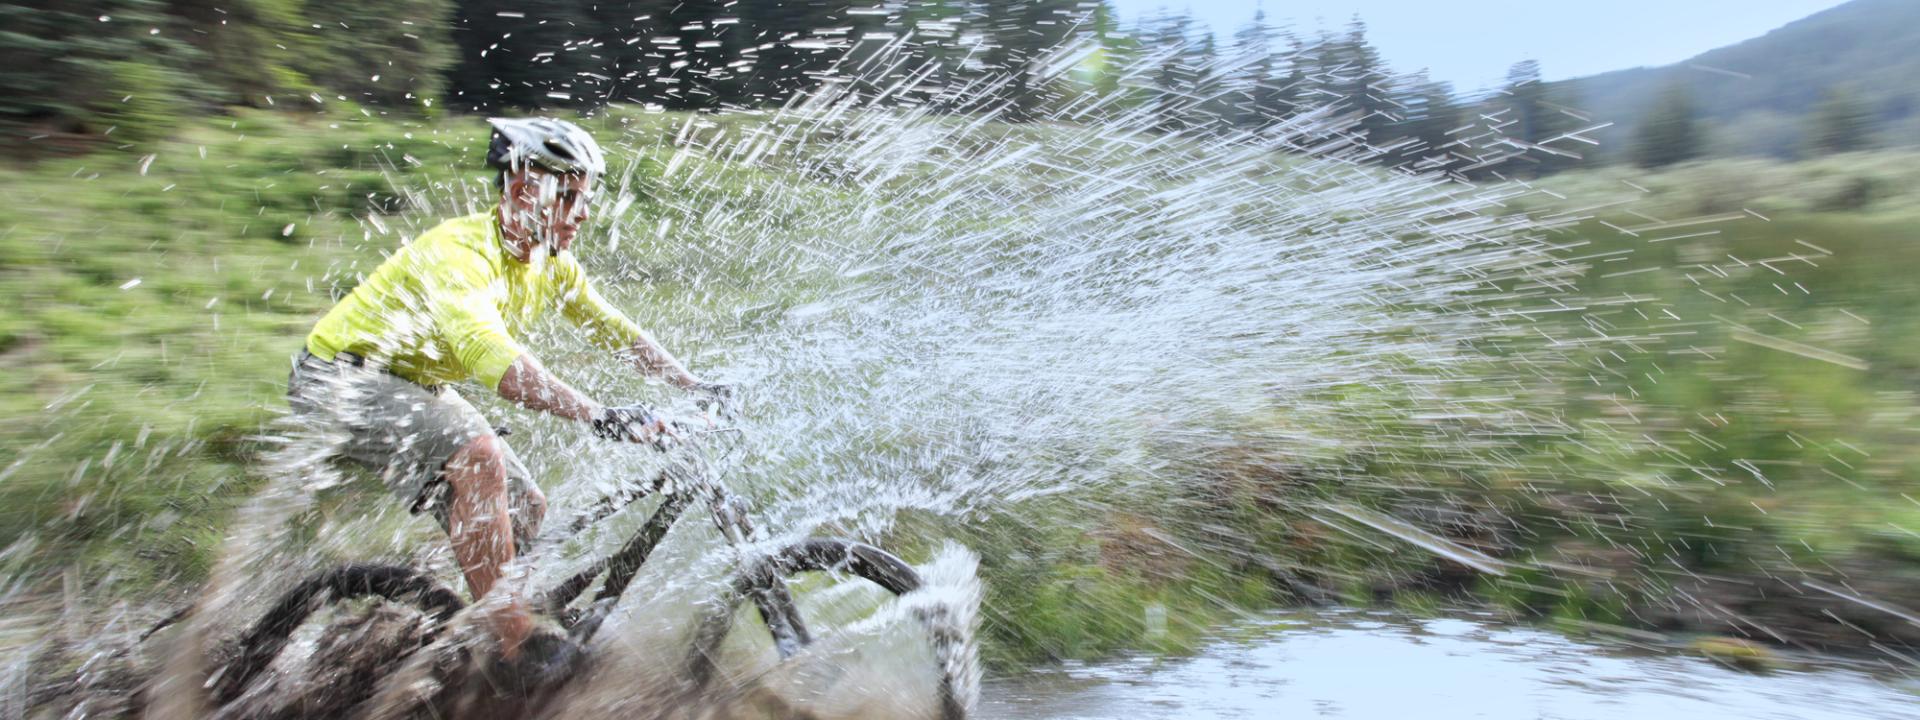 Outdoor Adventures Biking Splash